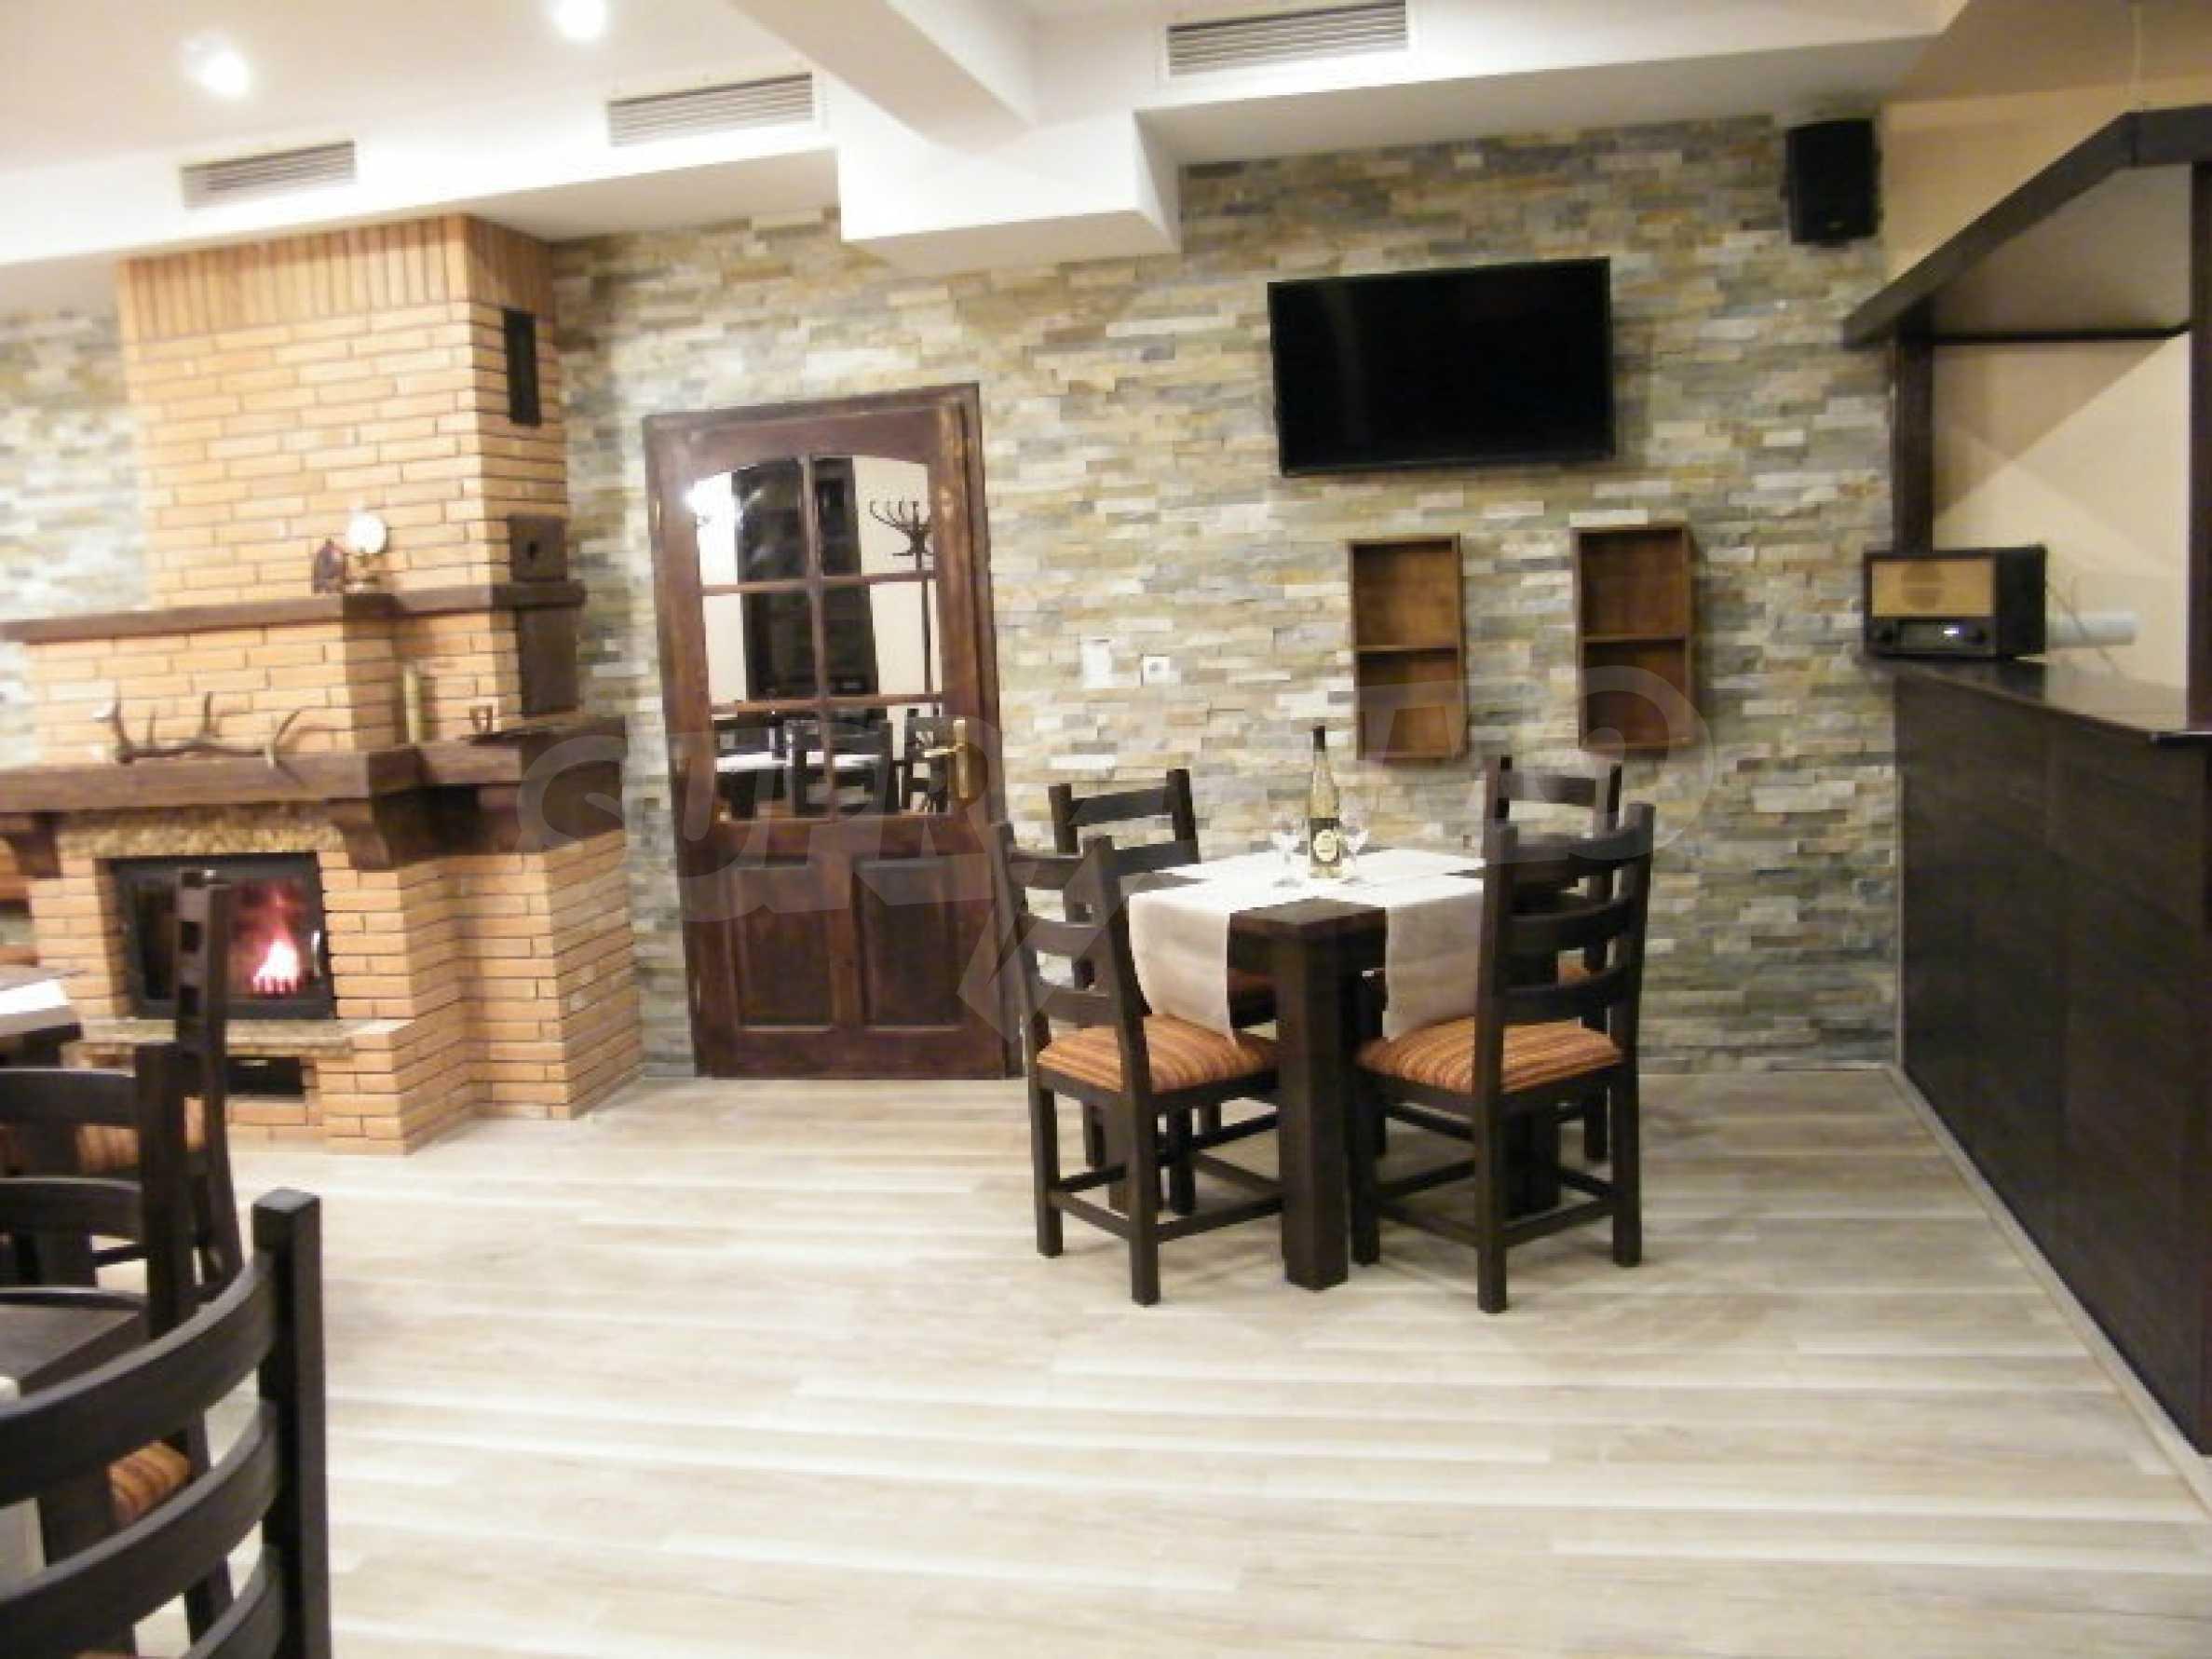 Neu erbautes, komfortabel eingerichtetes Hotel mit Pool im Herzen des Balkangebirges 45